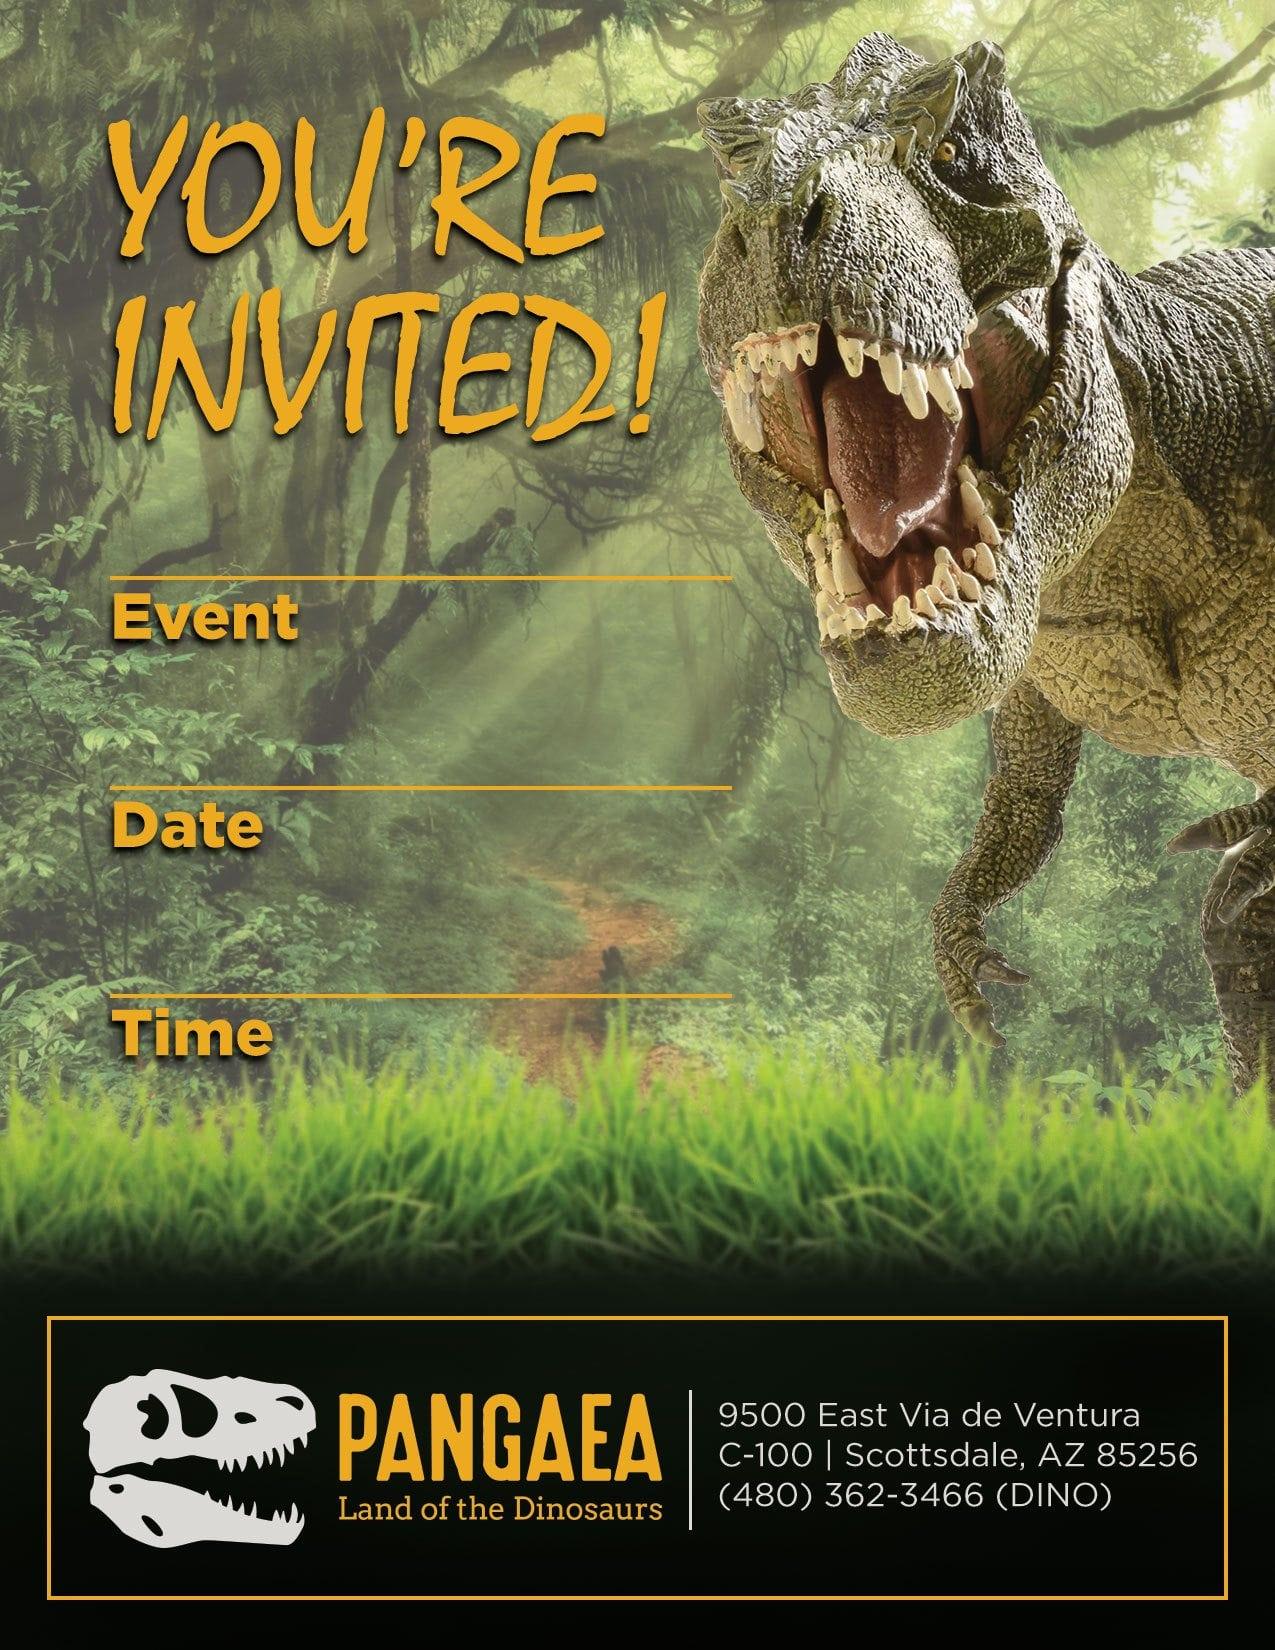 Pangaea_bday_invite_v2